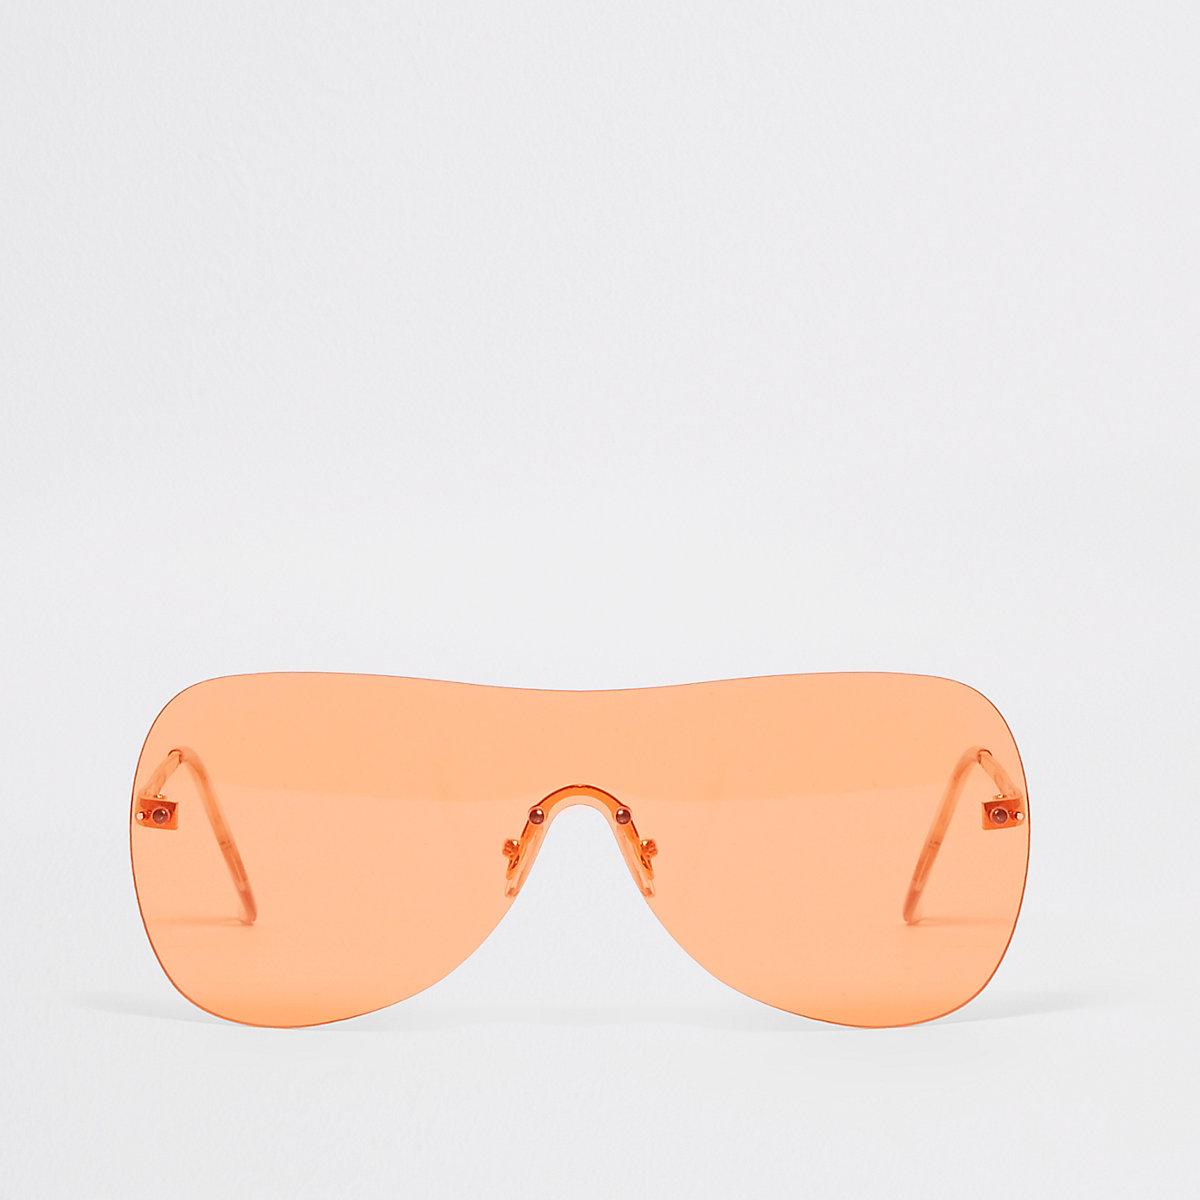 Orange tone visor aviator sunglasses